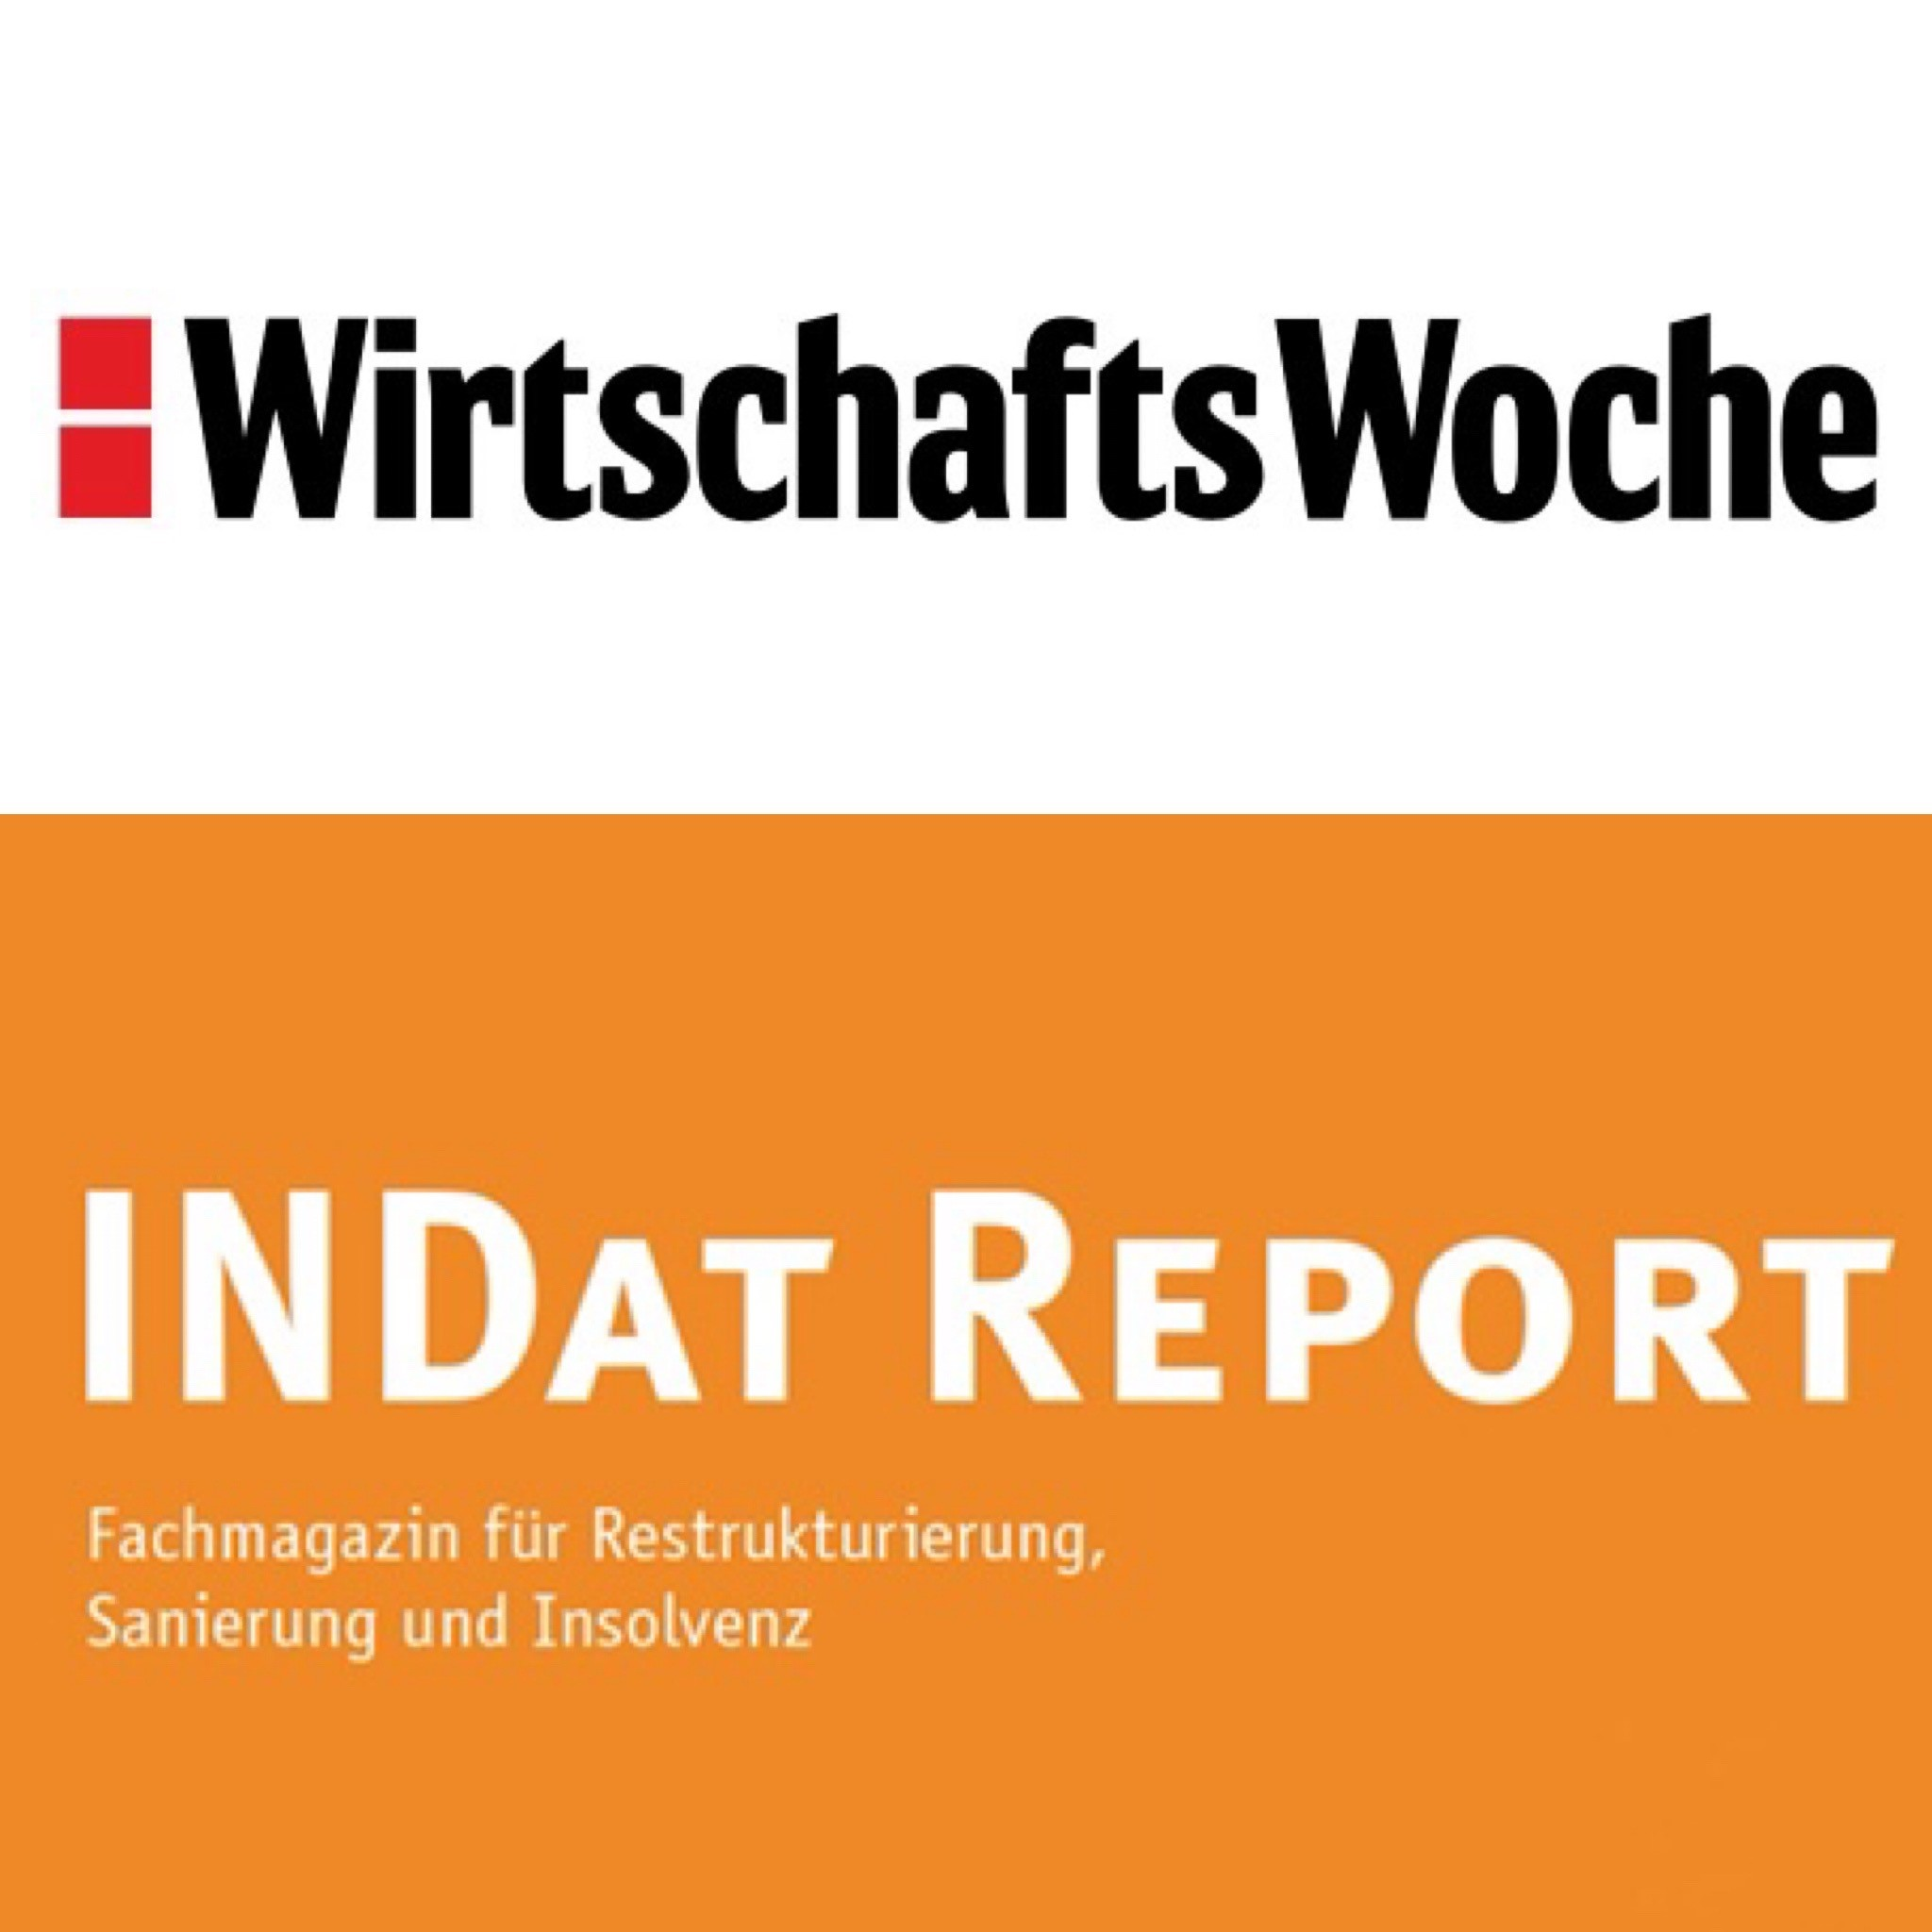 Bei WiWo Und INDat-Report Führend